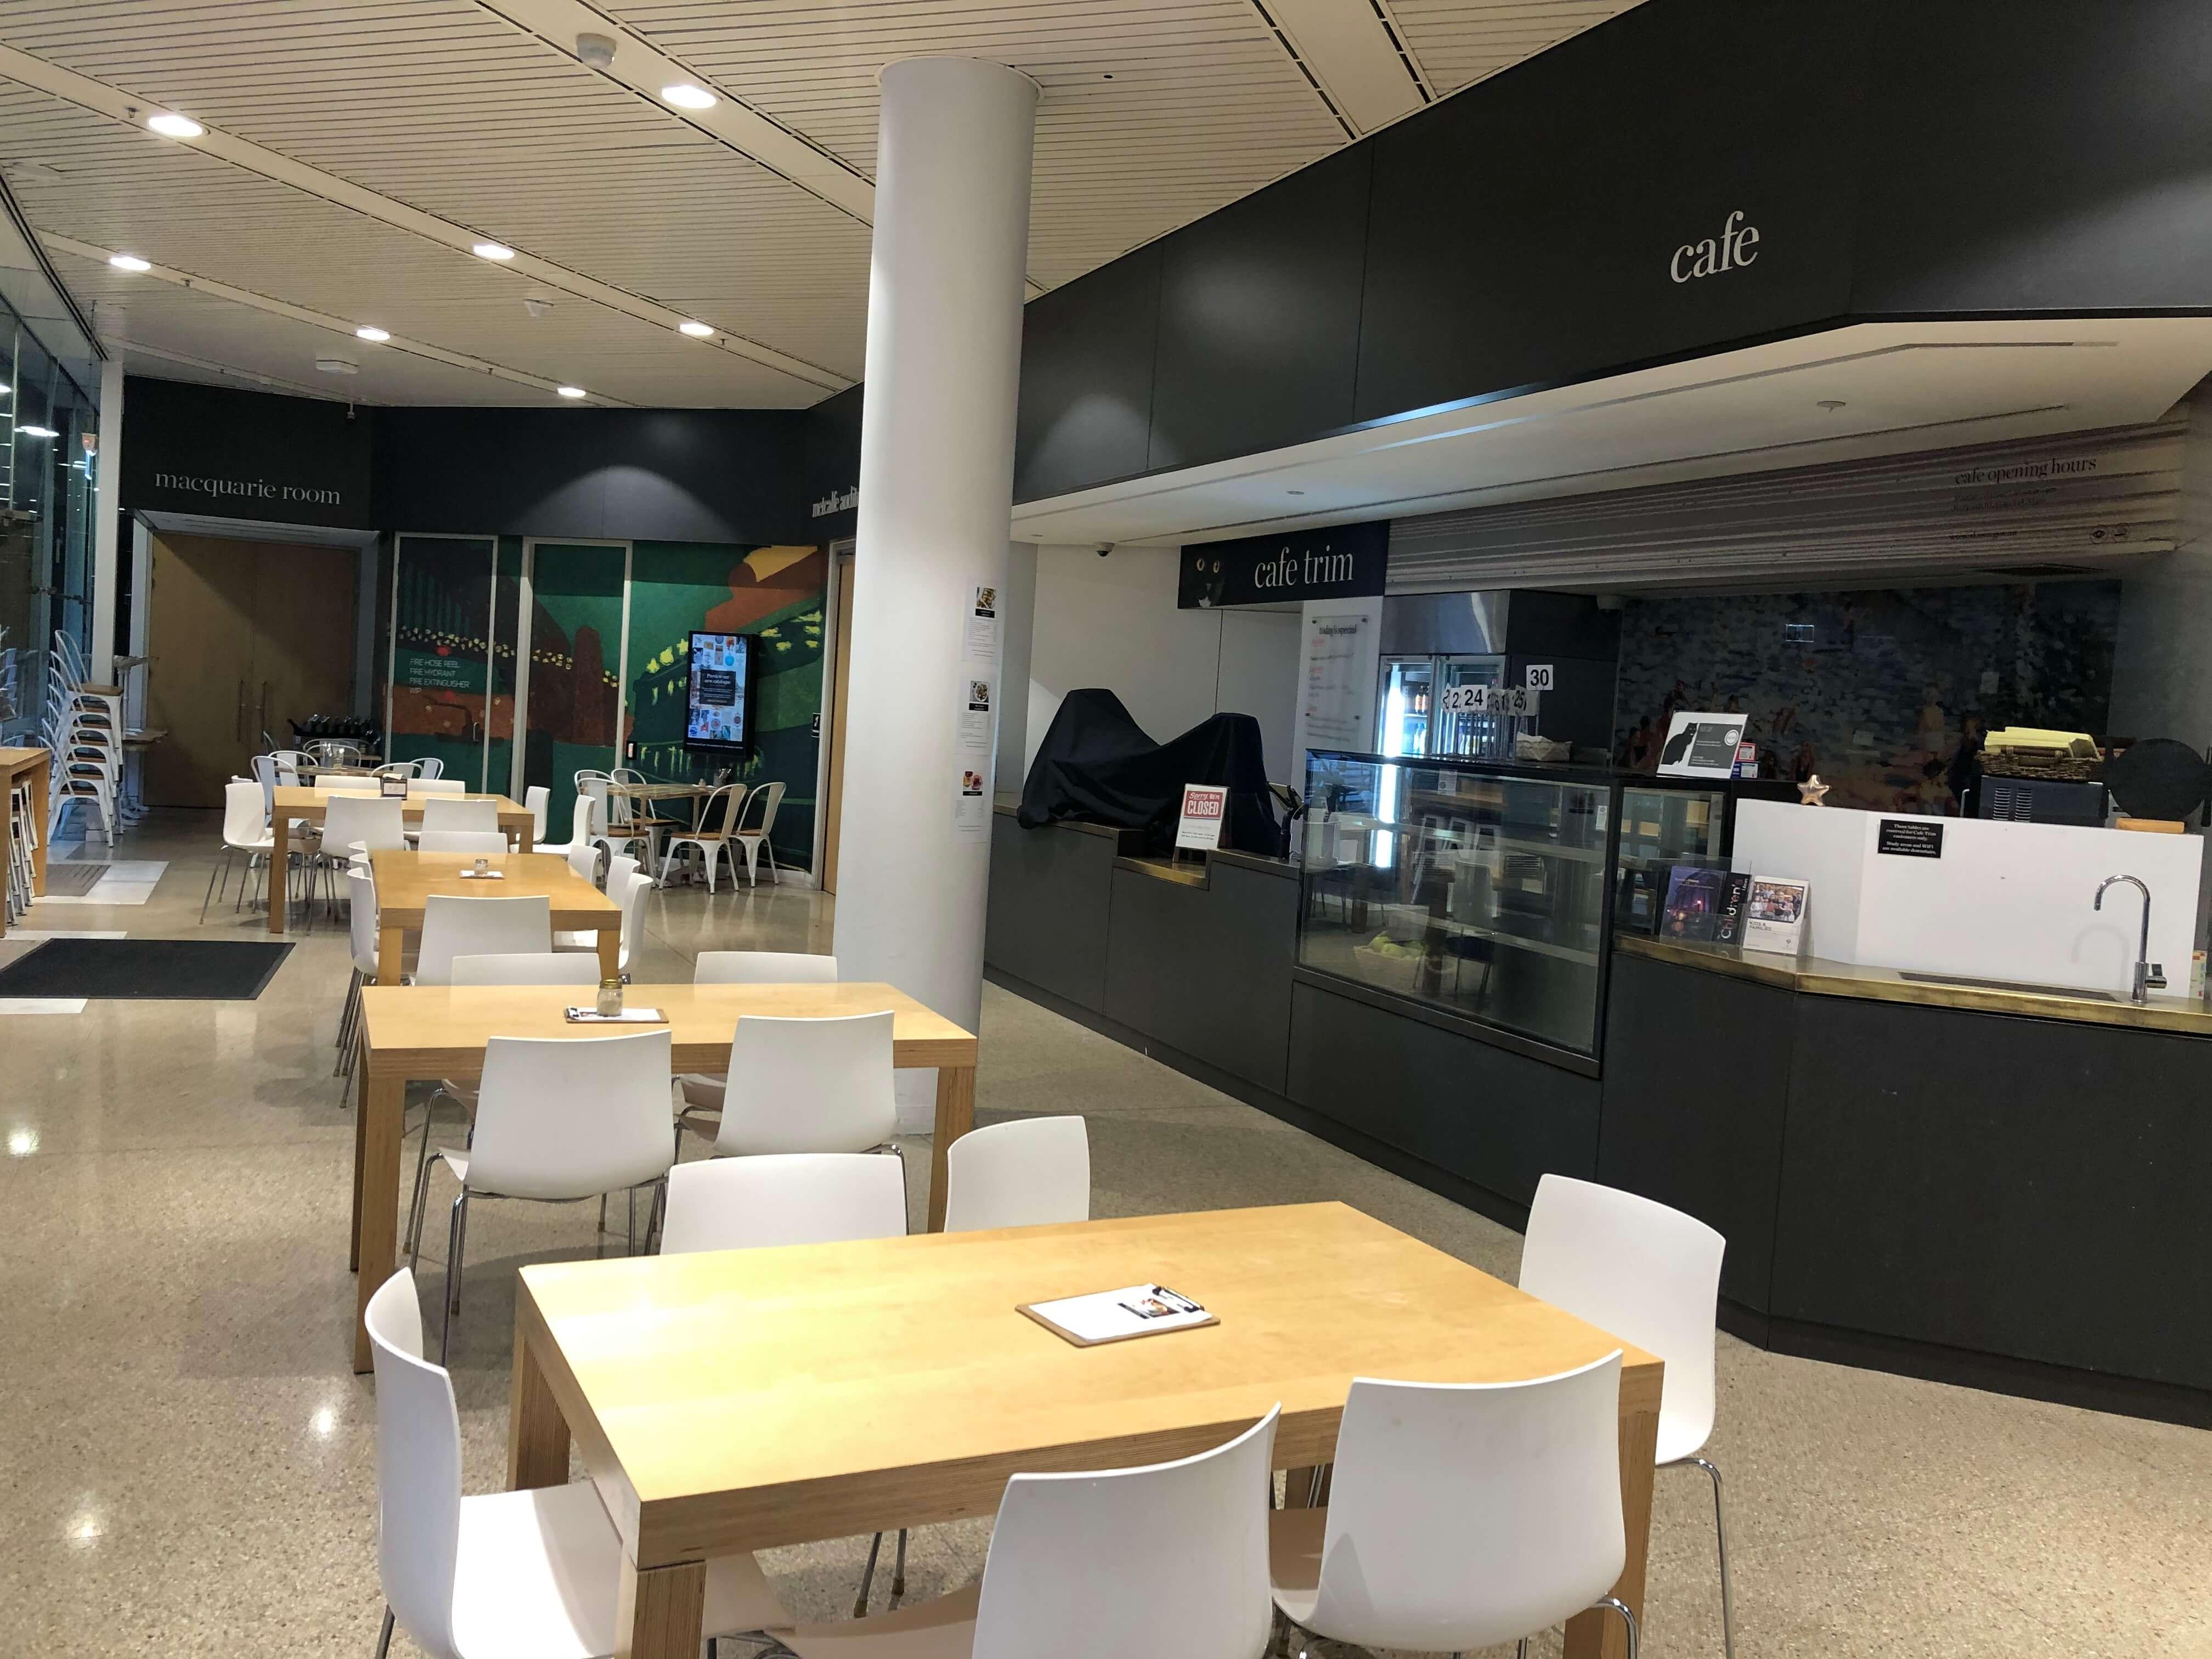 シドニー州立図書館の新館のカフェ